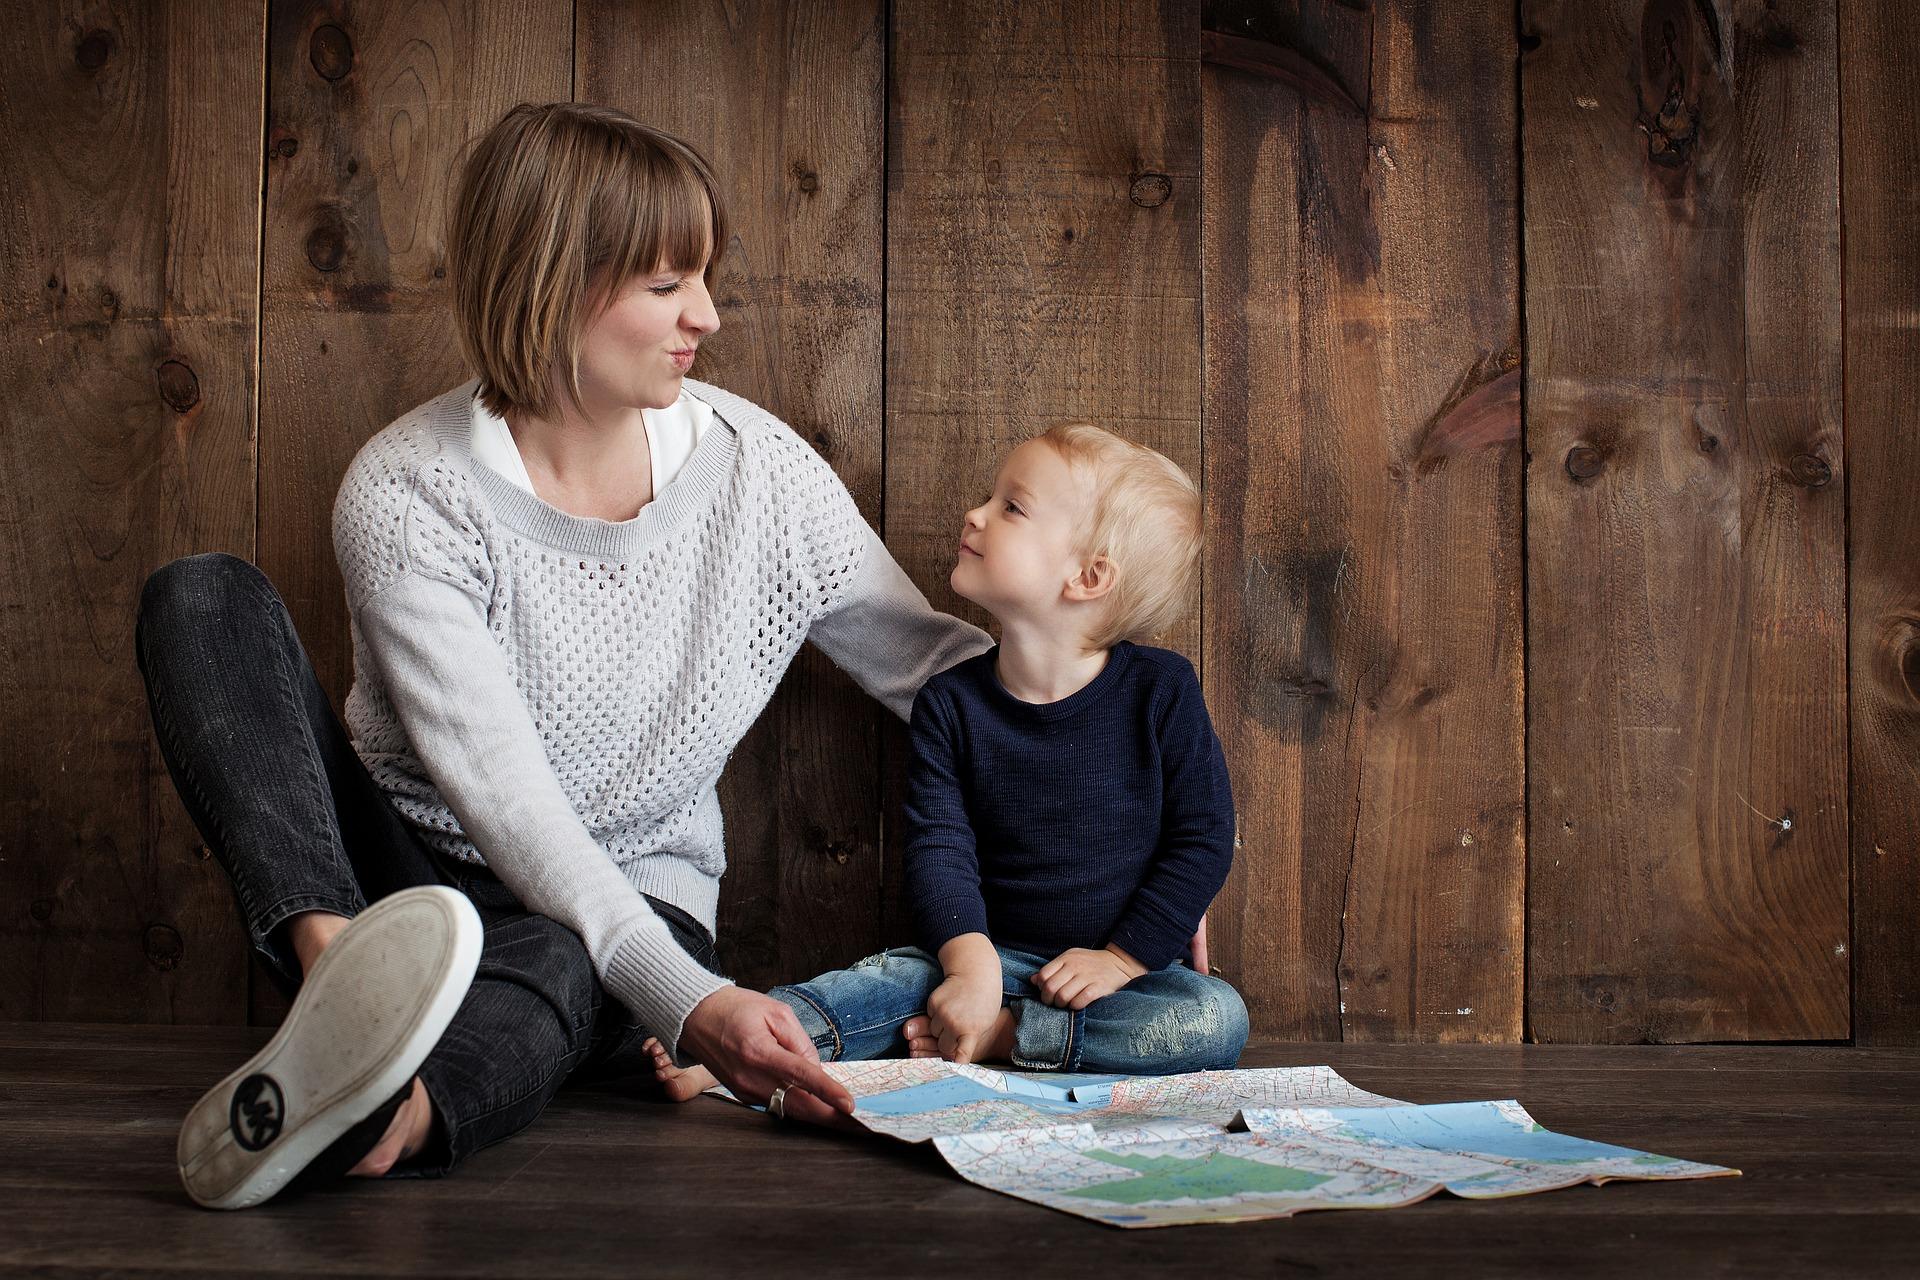 Mutter und kleines Kind sitzen auf dem Boden und schauen sich an